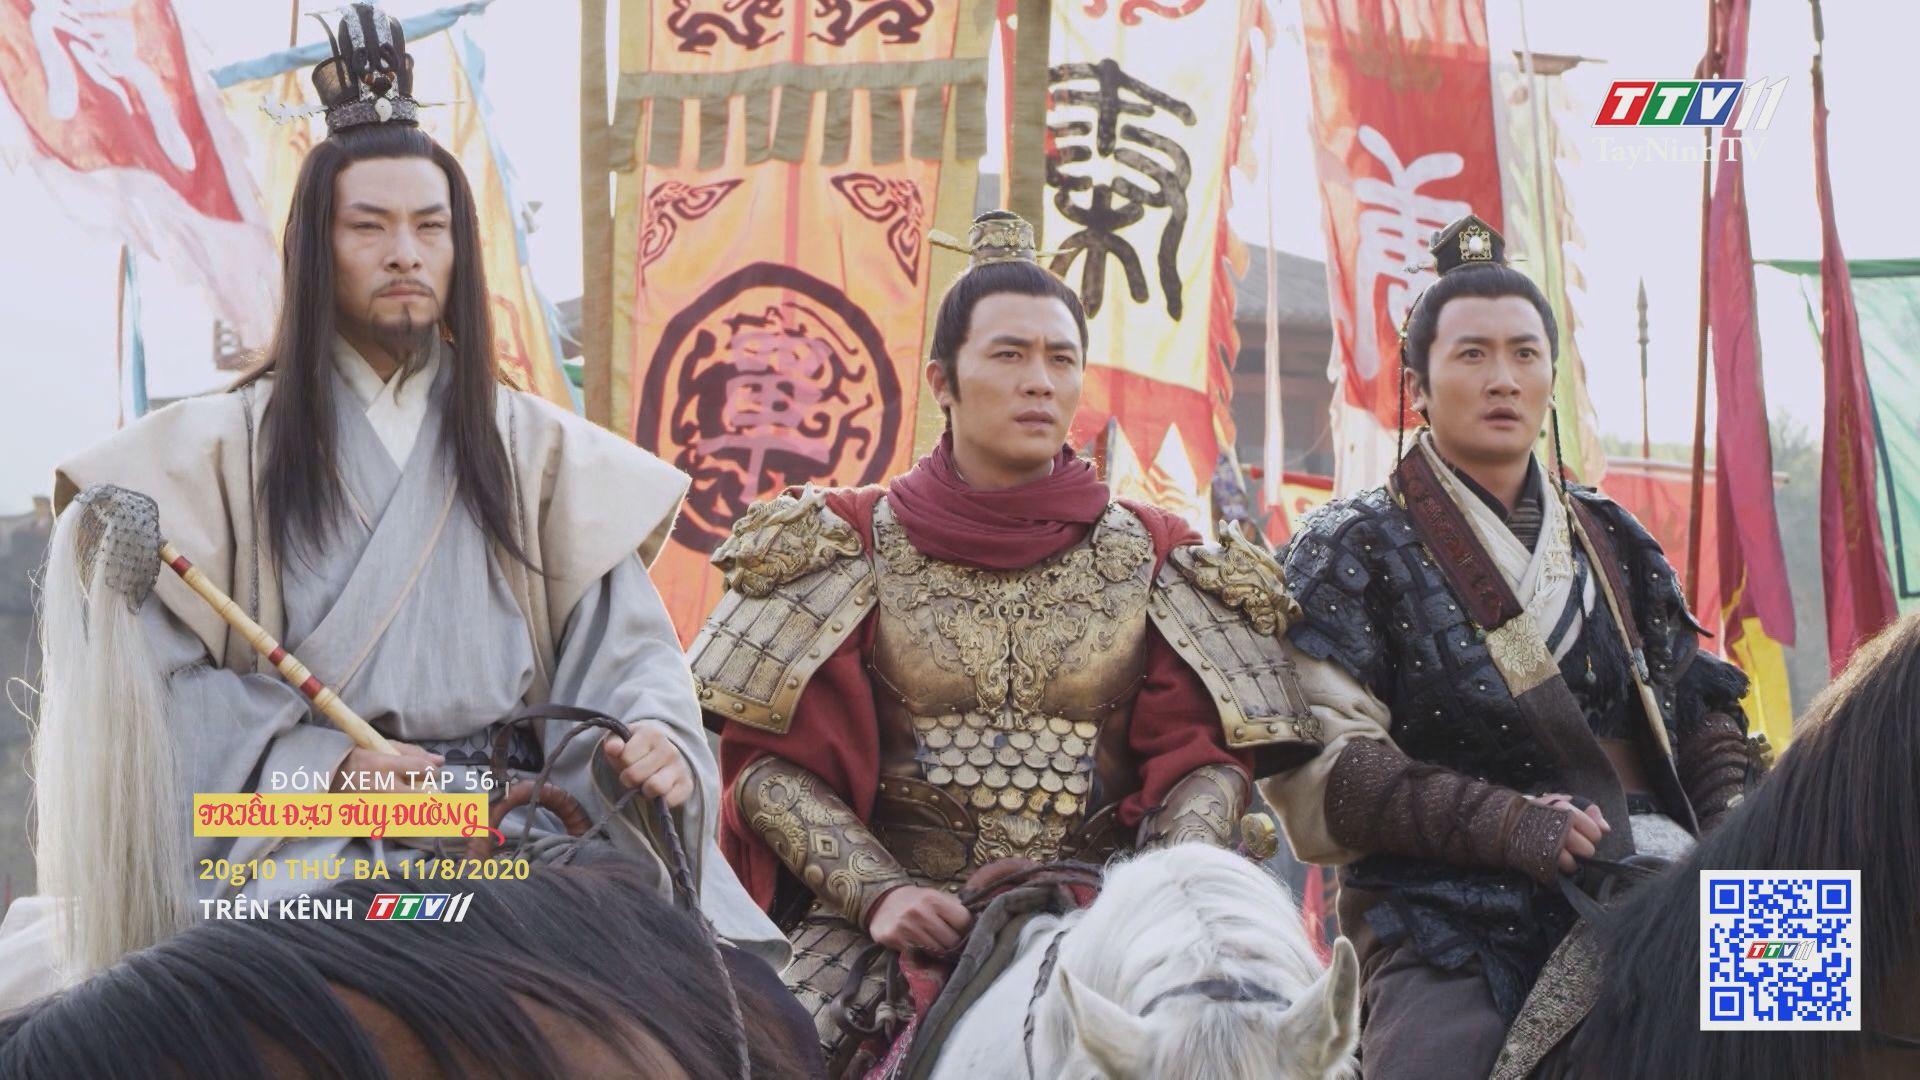 Triều đại Tùy Đường - TẬP 56 trailer | TRIỀU ĐẠI TÙY ĐƯỜNG | TayNinhTV